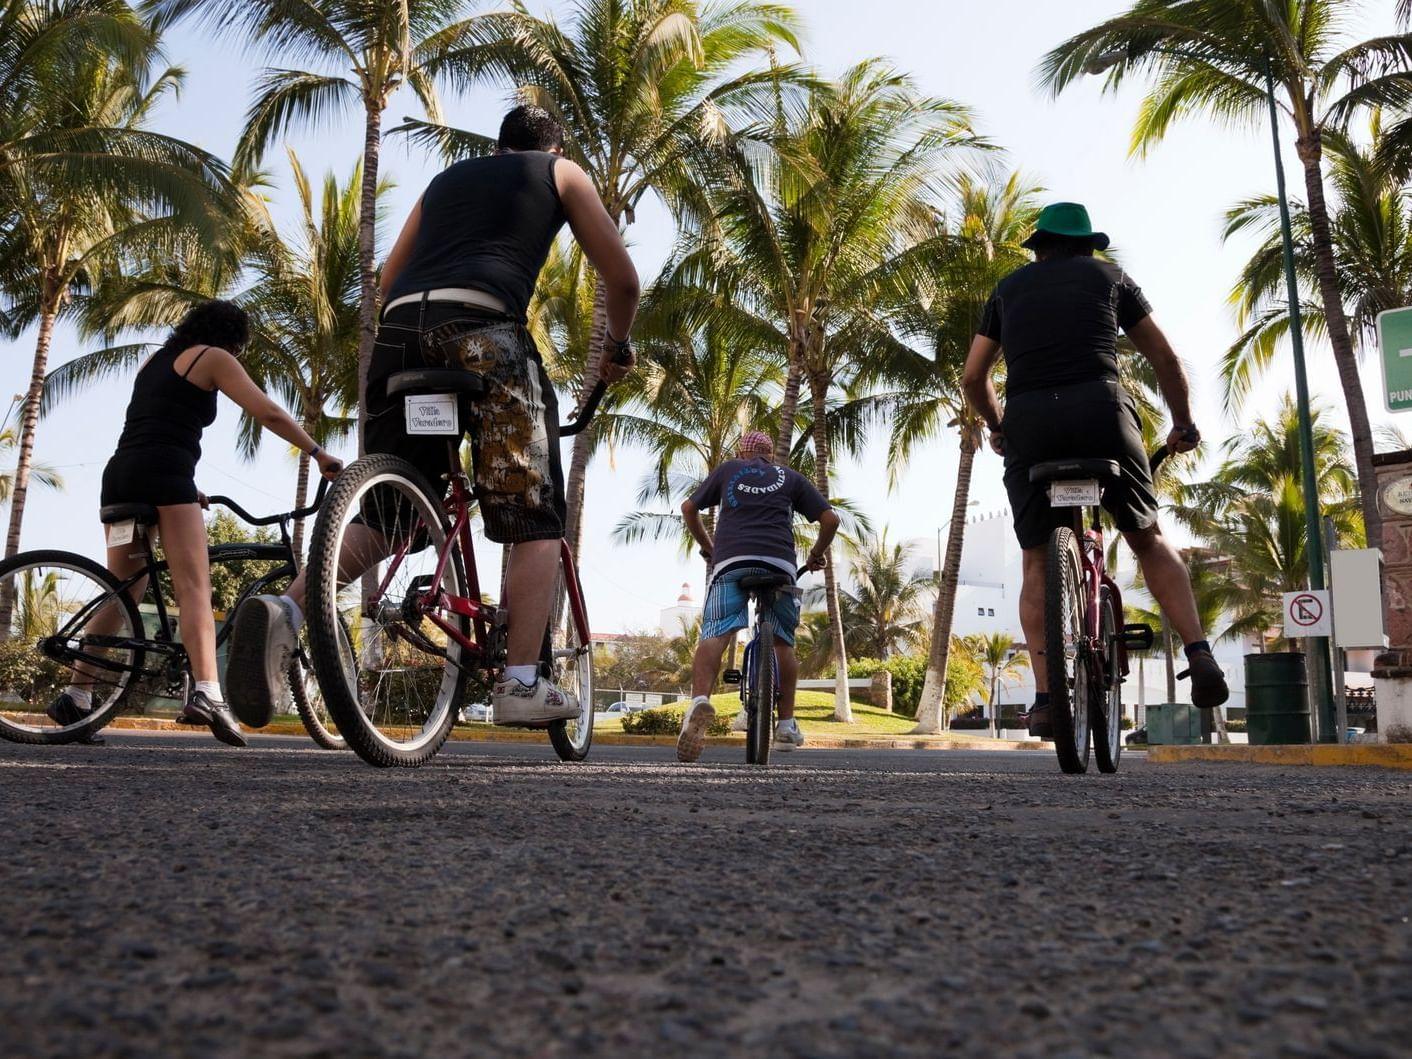 Riding Bicycles at Hotel Villa Varadero